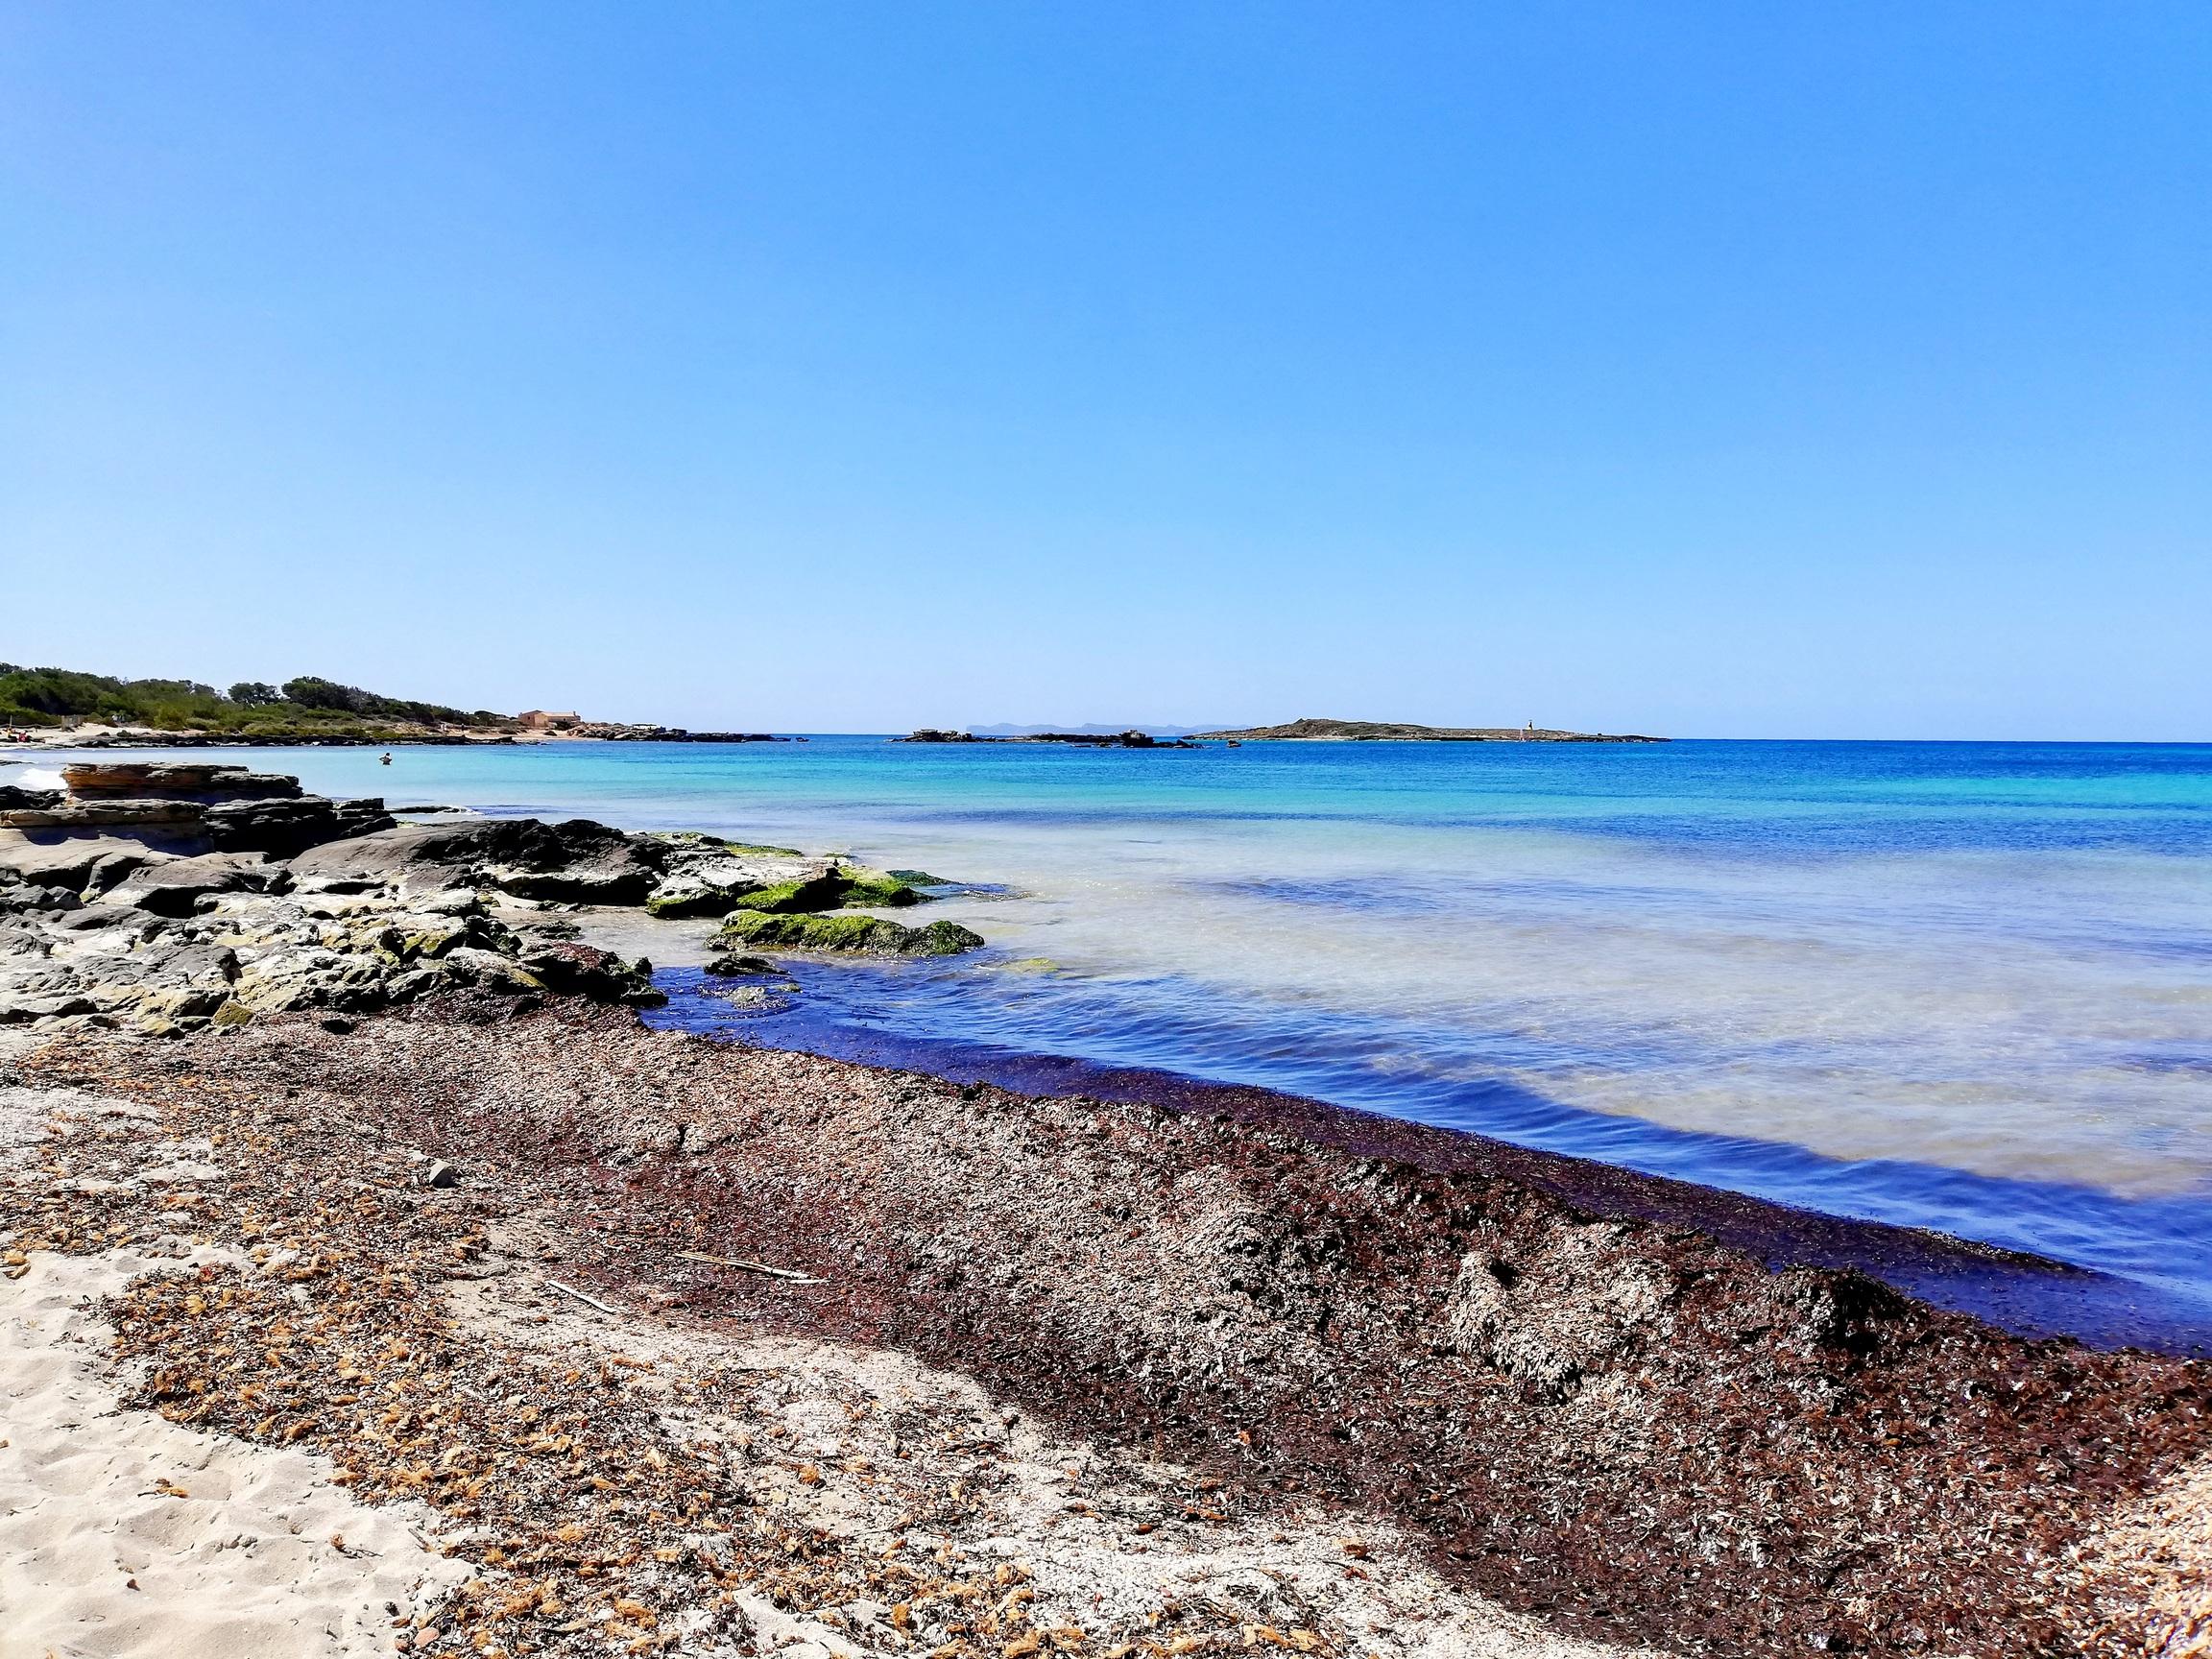 Fabulosos colores en este rincón de la isla